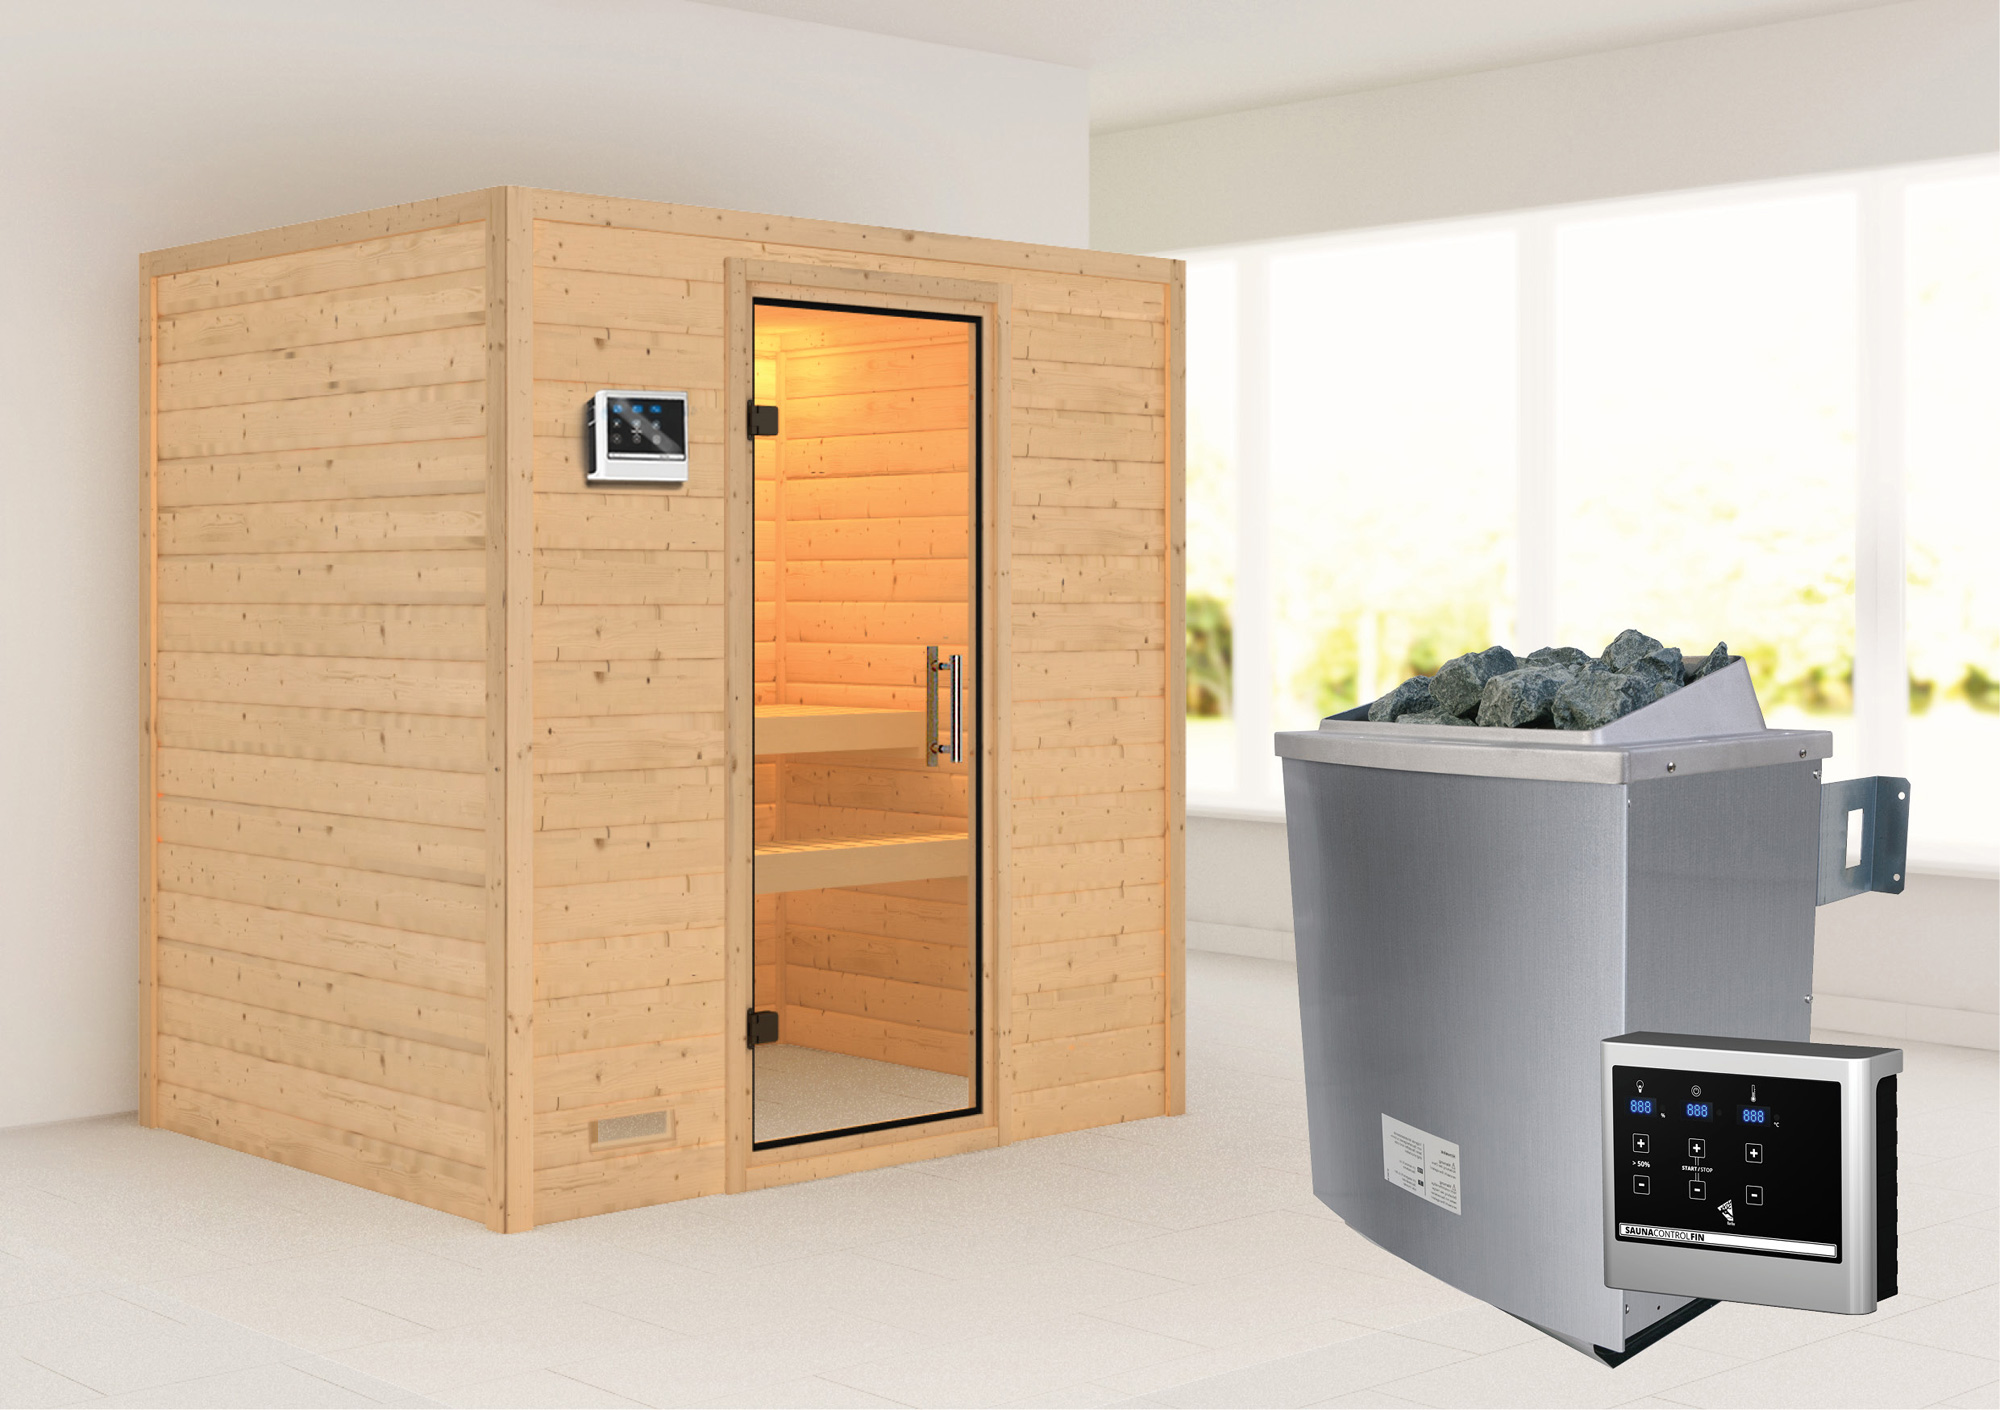 WoodFeeling Sauna Sonja 38mm mit Saunaofen 9 kW extern Klarglas Tür Bild 1